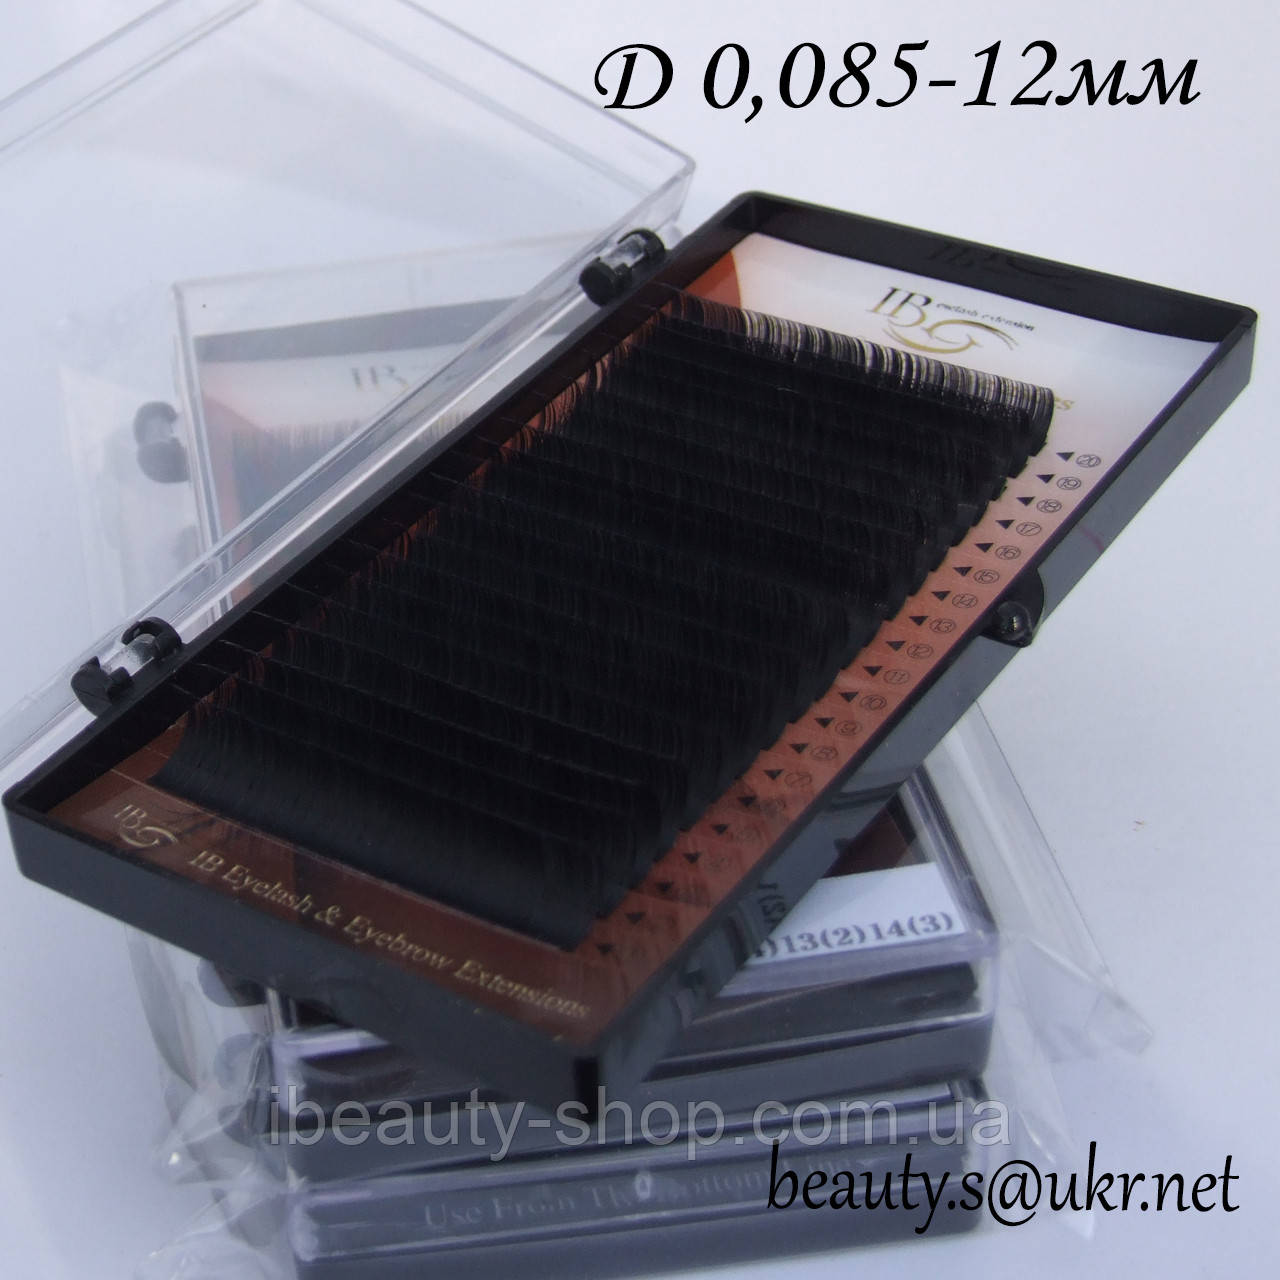 Ресницы  I-Beauty на ленте D-0,085 12мм